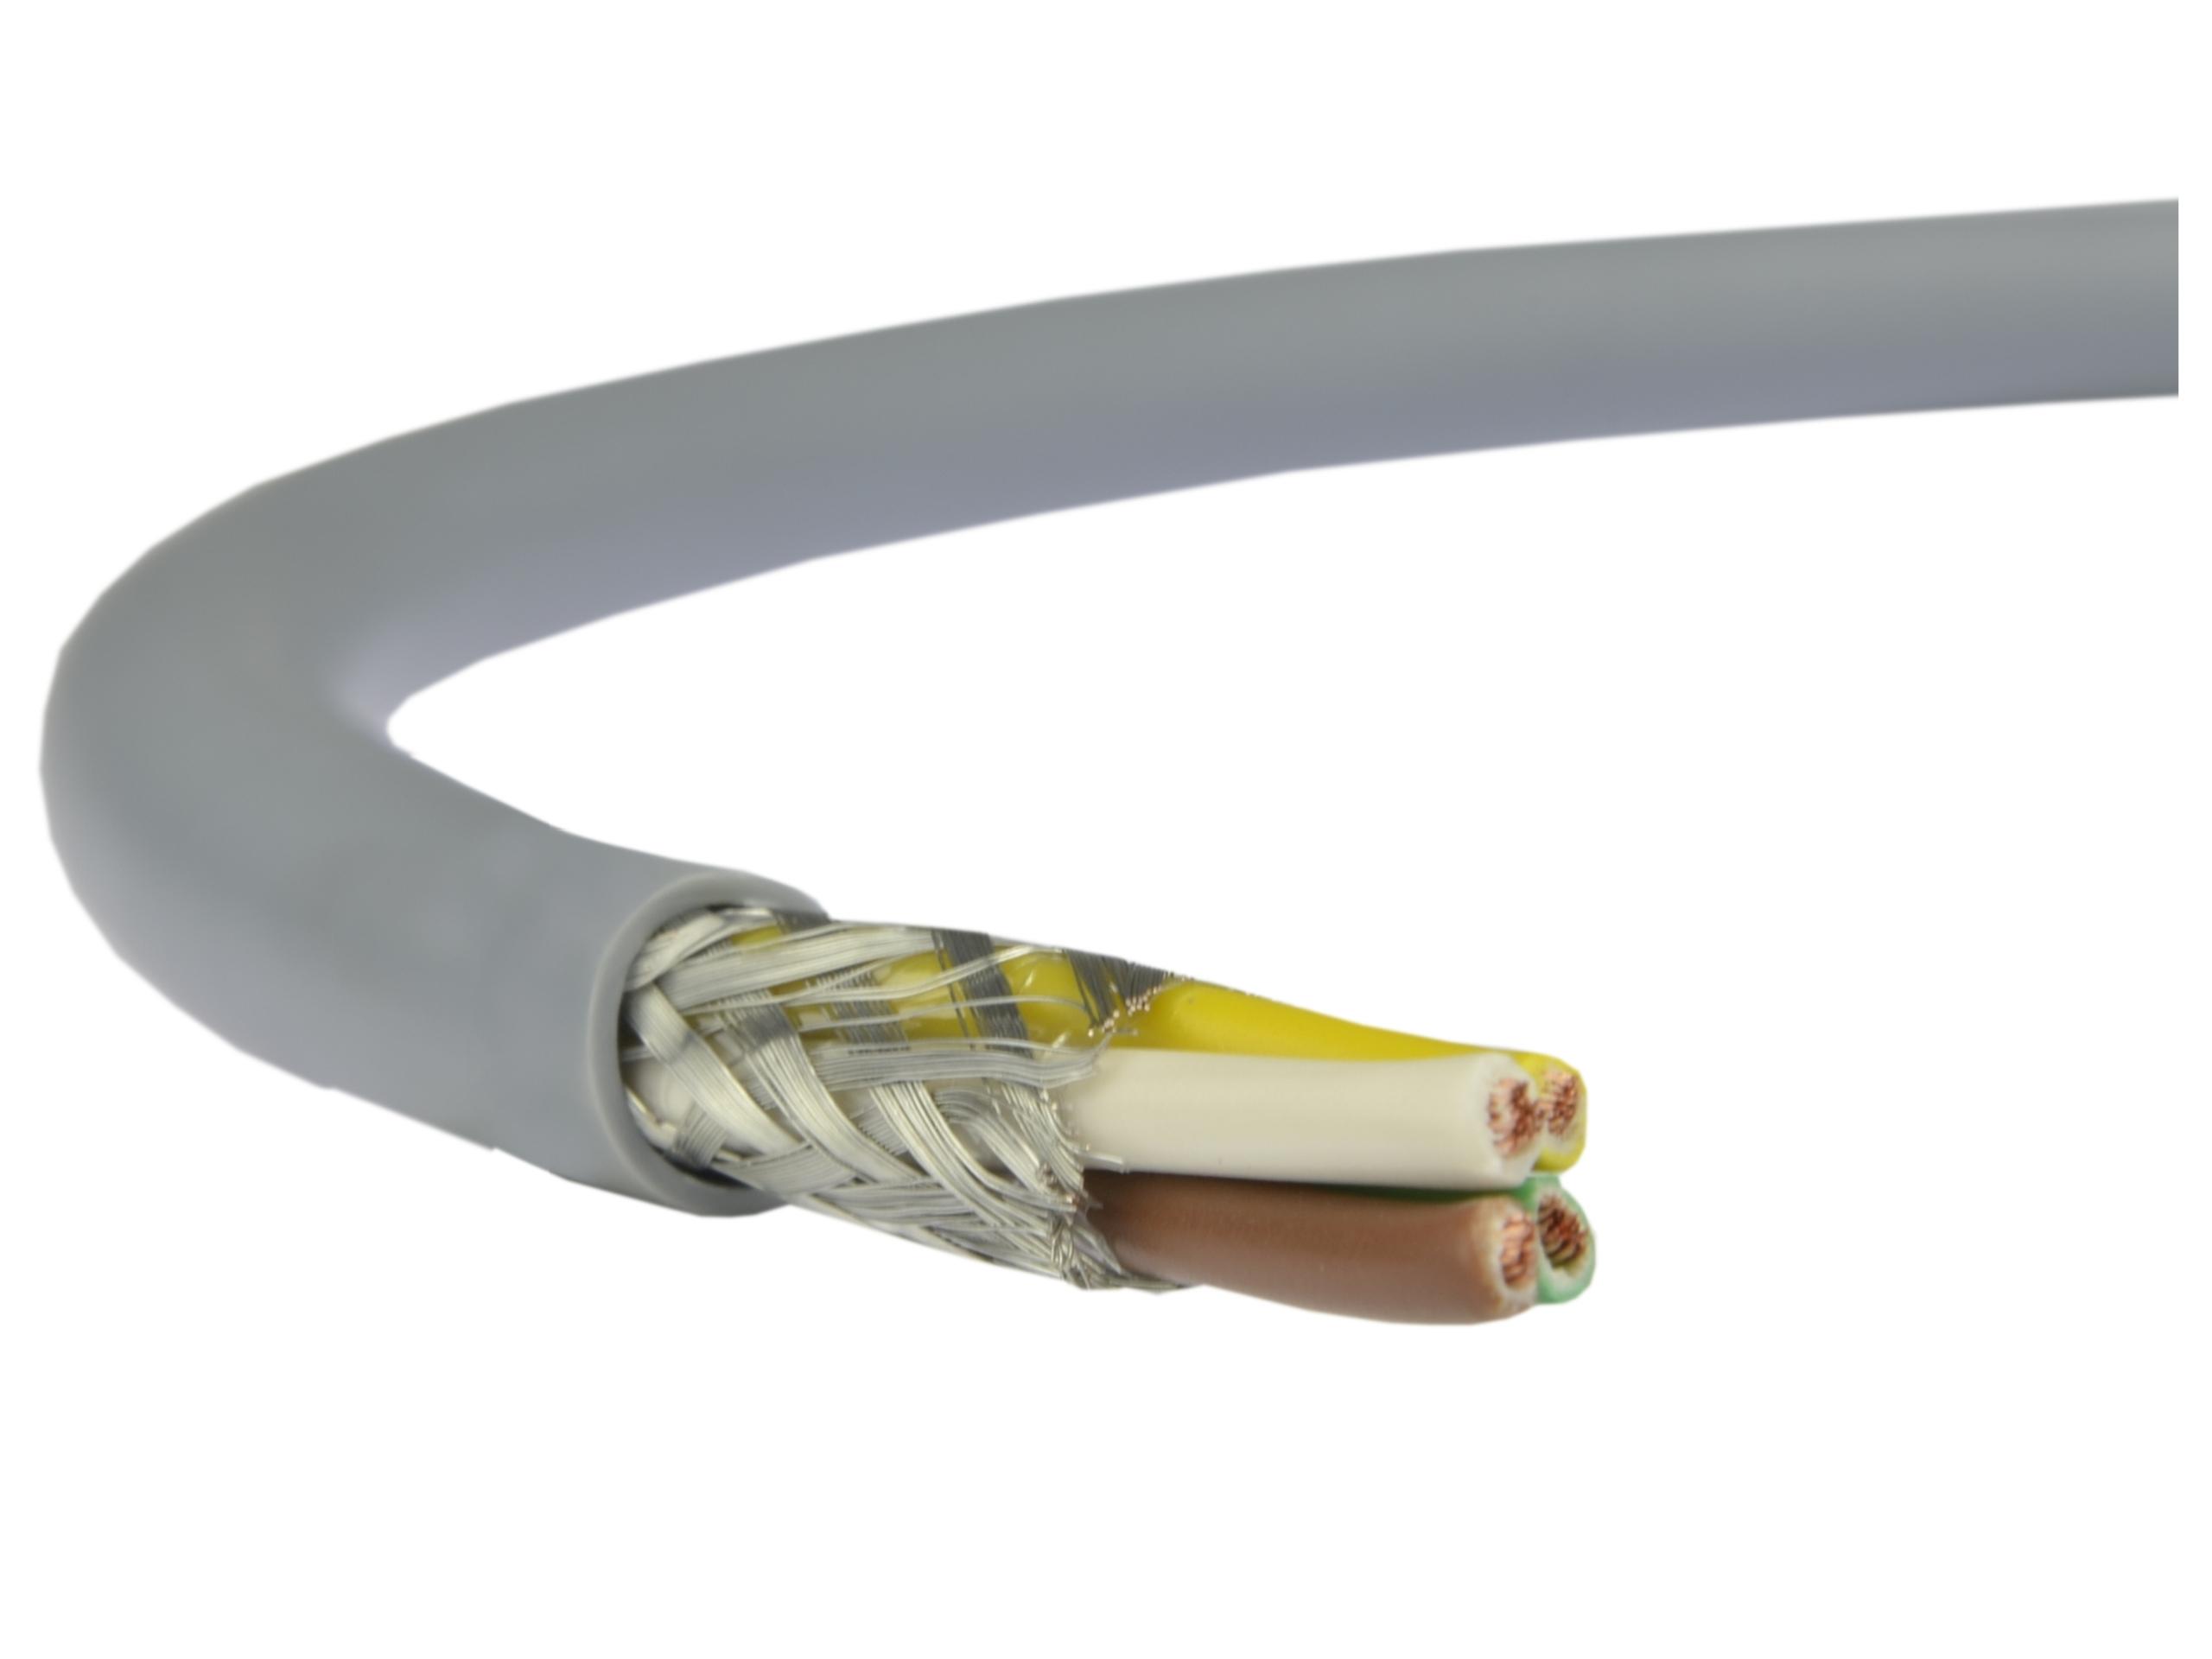 Káblový kábel v lokalite Liycy 4x0,34